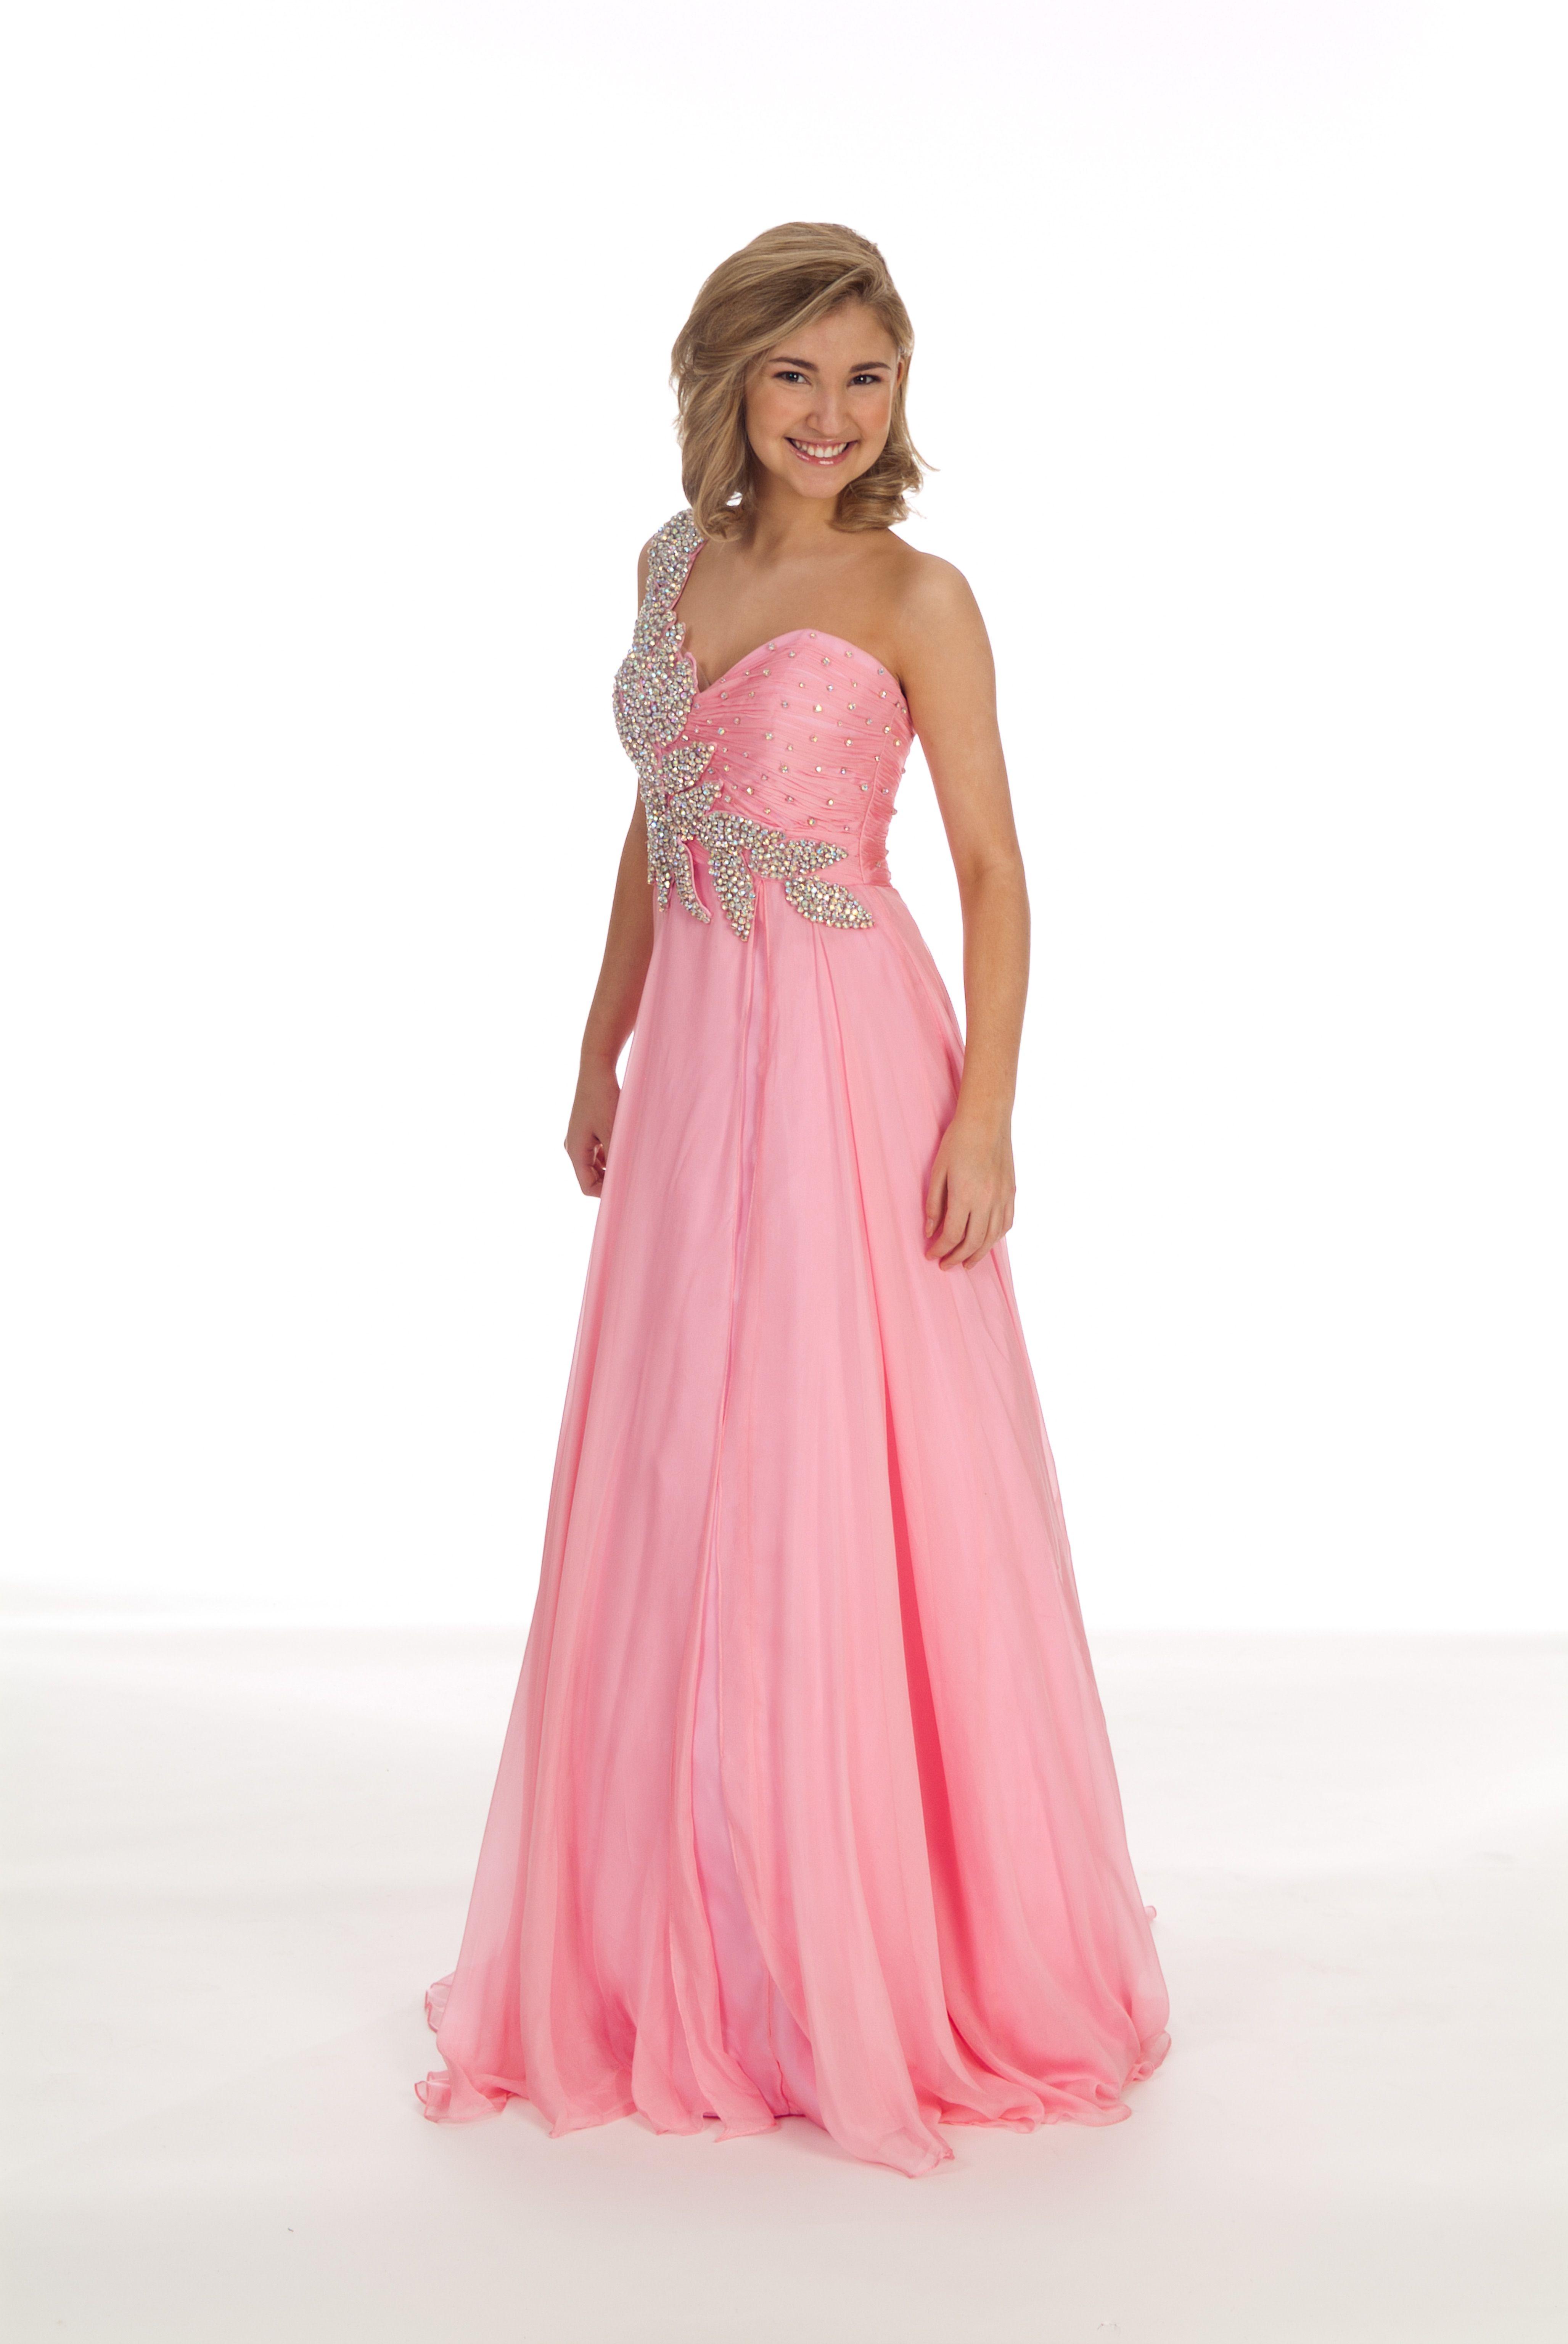 Pageant dress | Formal Wear | Pinterest